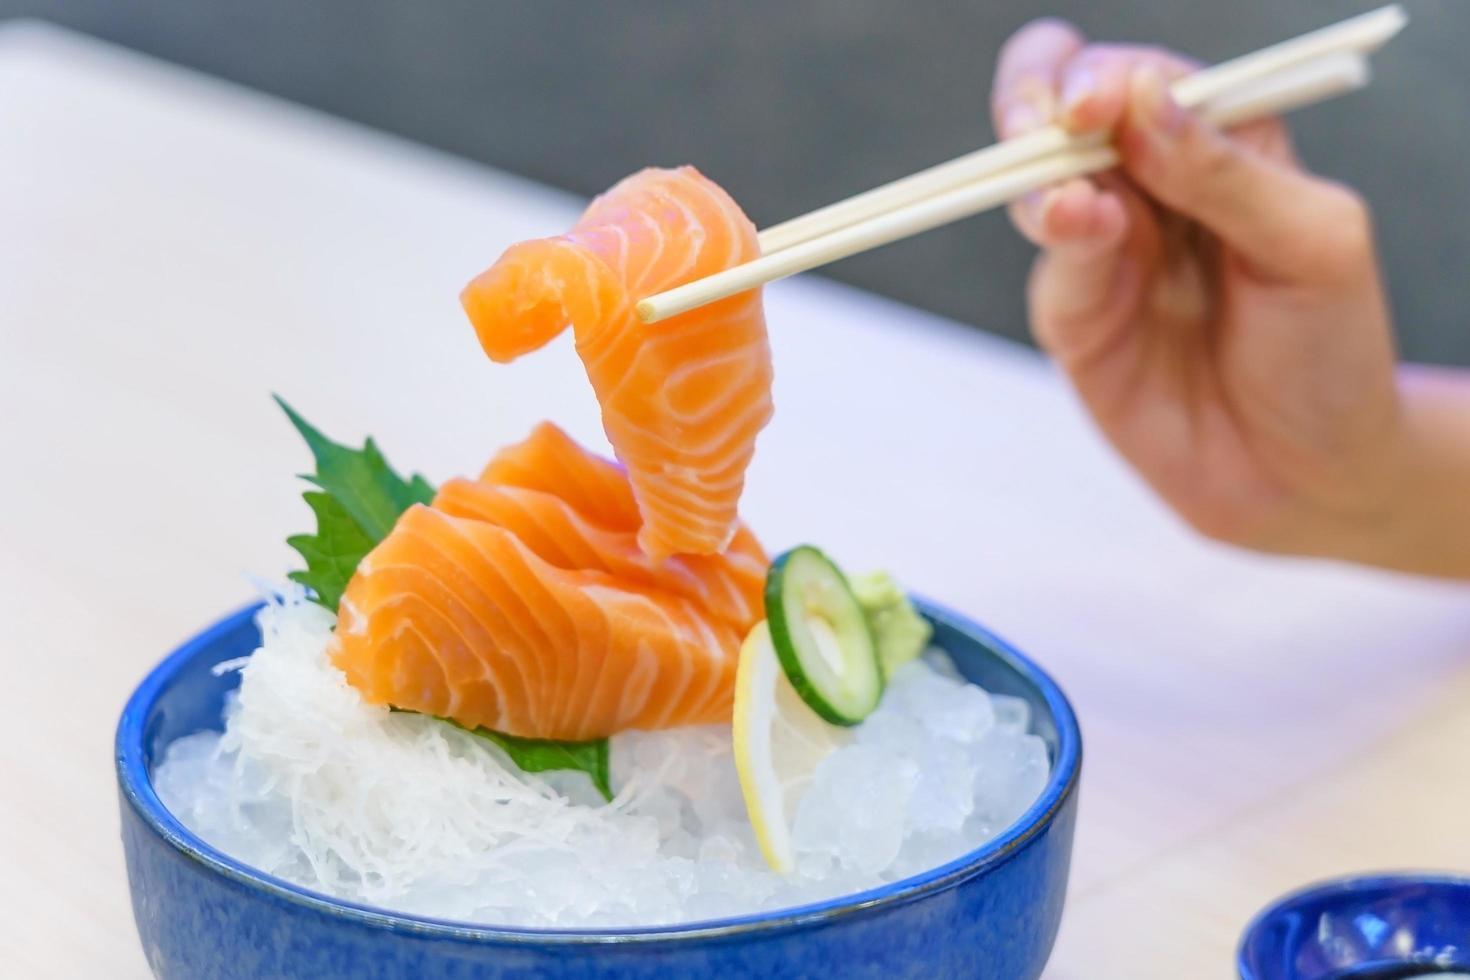 Mano sujetando sashimi de salmón con palillos foto